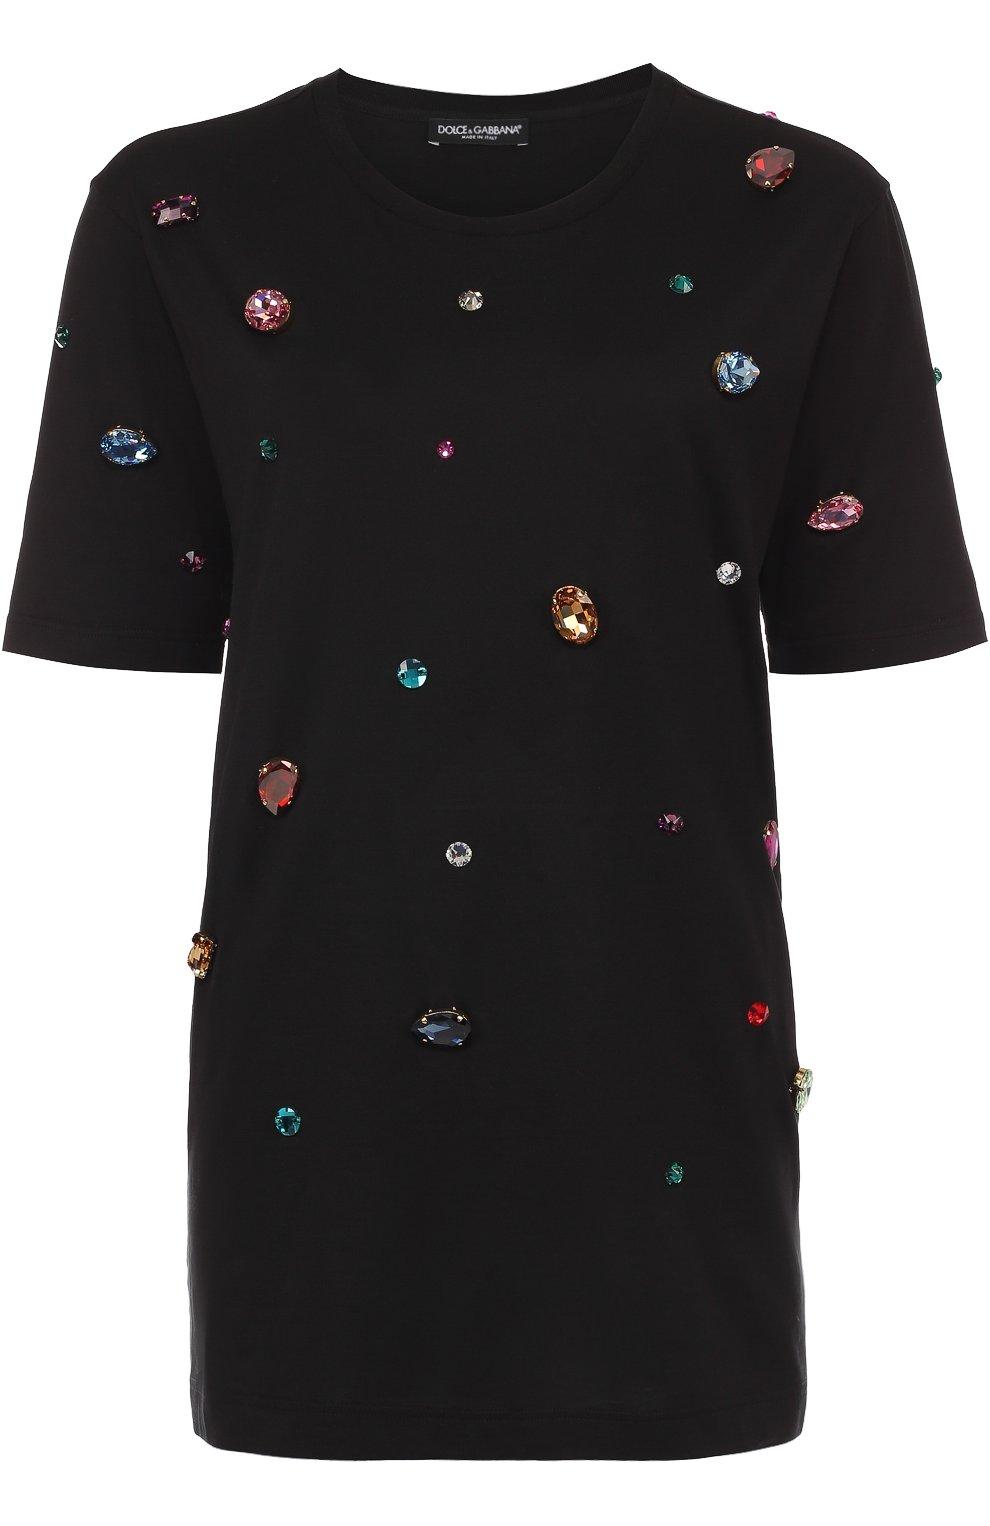 Удлиненная футболка прямого кроя с кристаллами | Фото №1